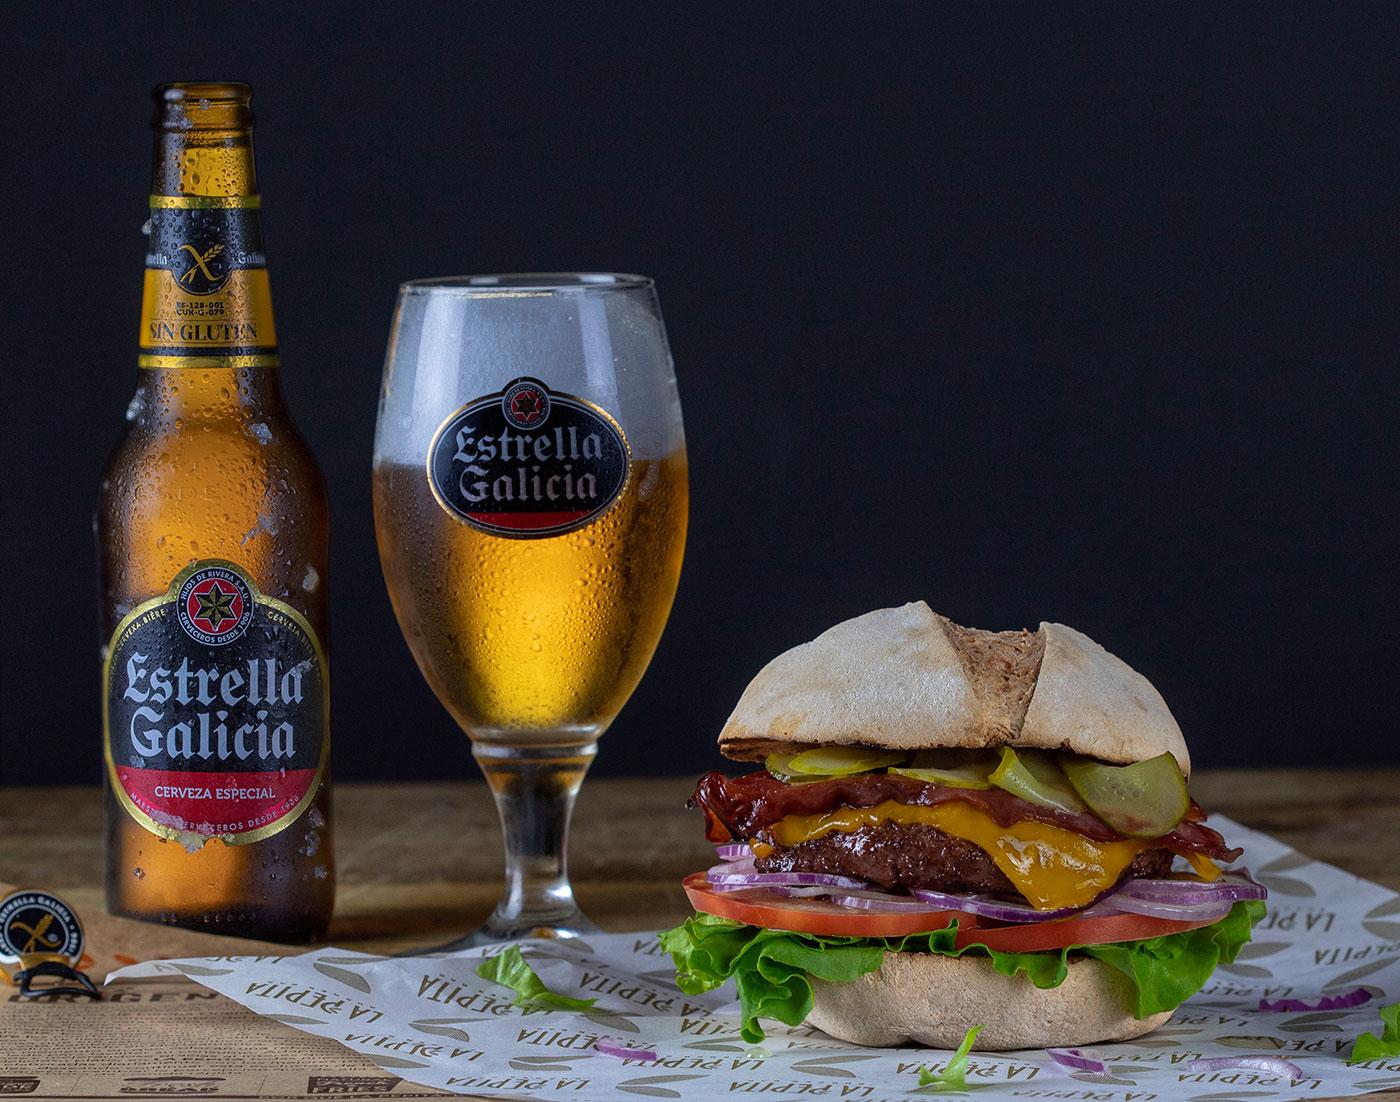 Burger-sin-gluten-+-cerveza-Estrella-Galicia-La-Pepita-Burger-Bar-El-Fotogastro